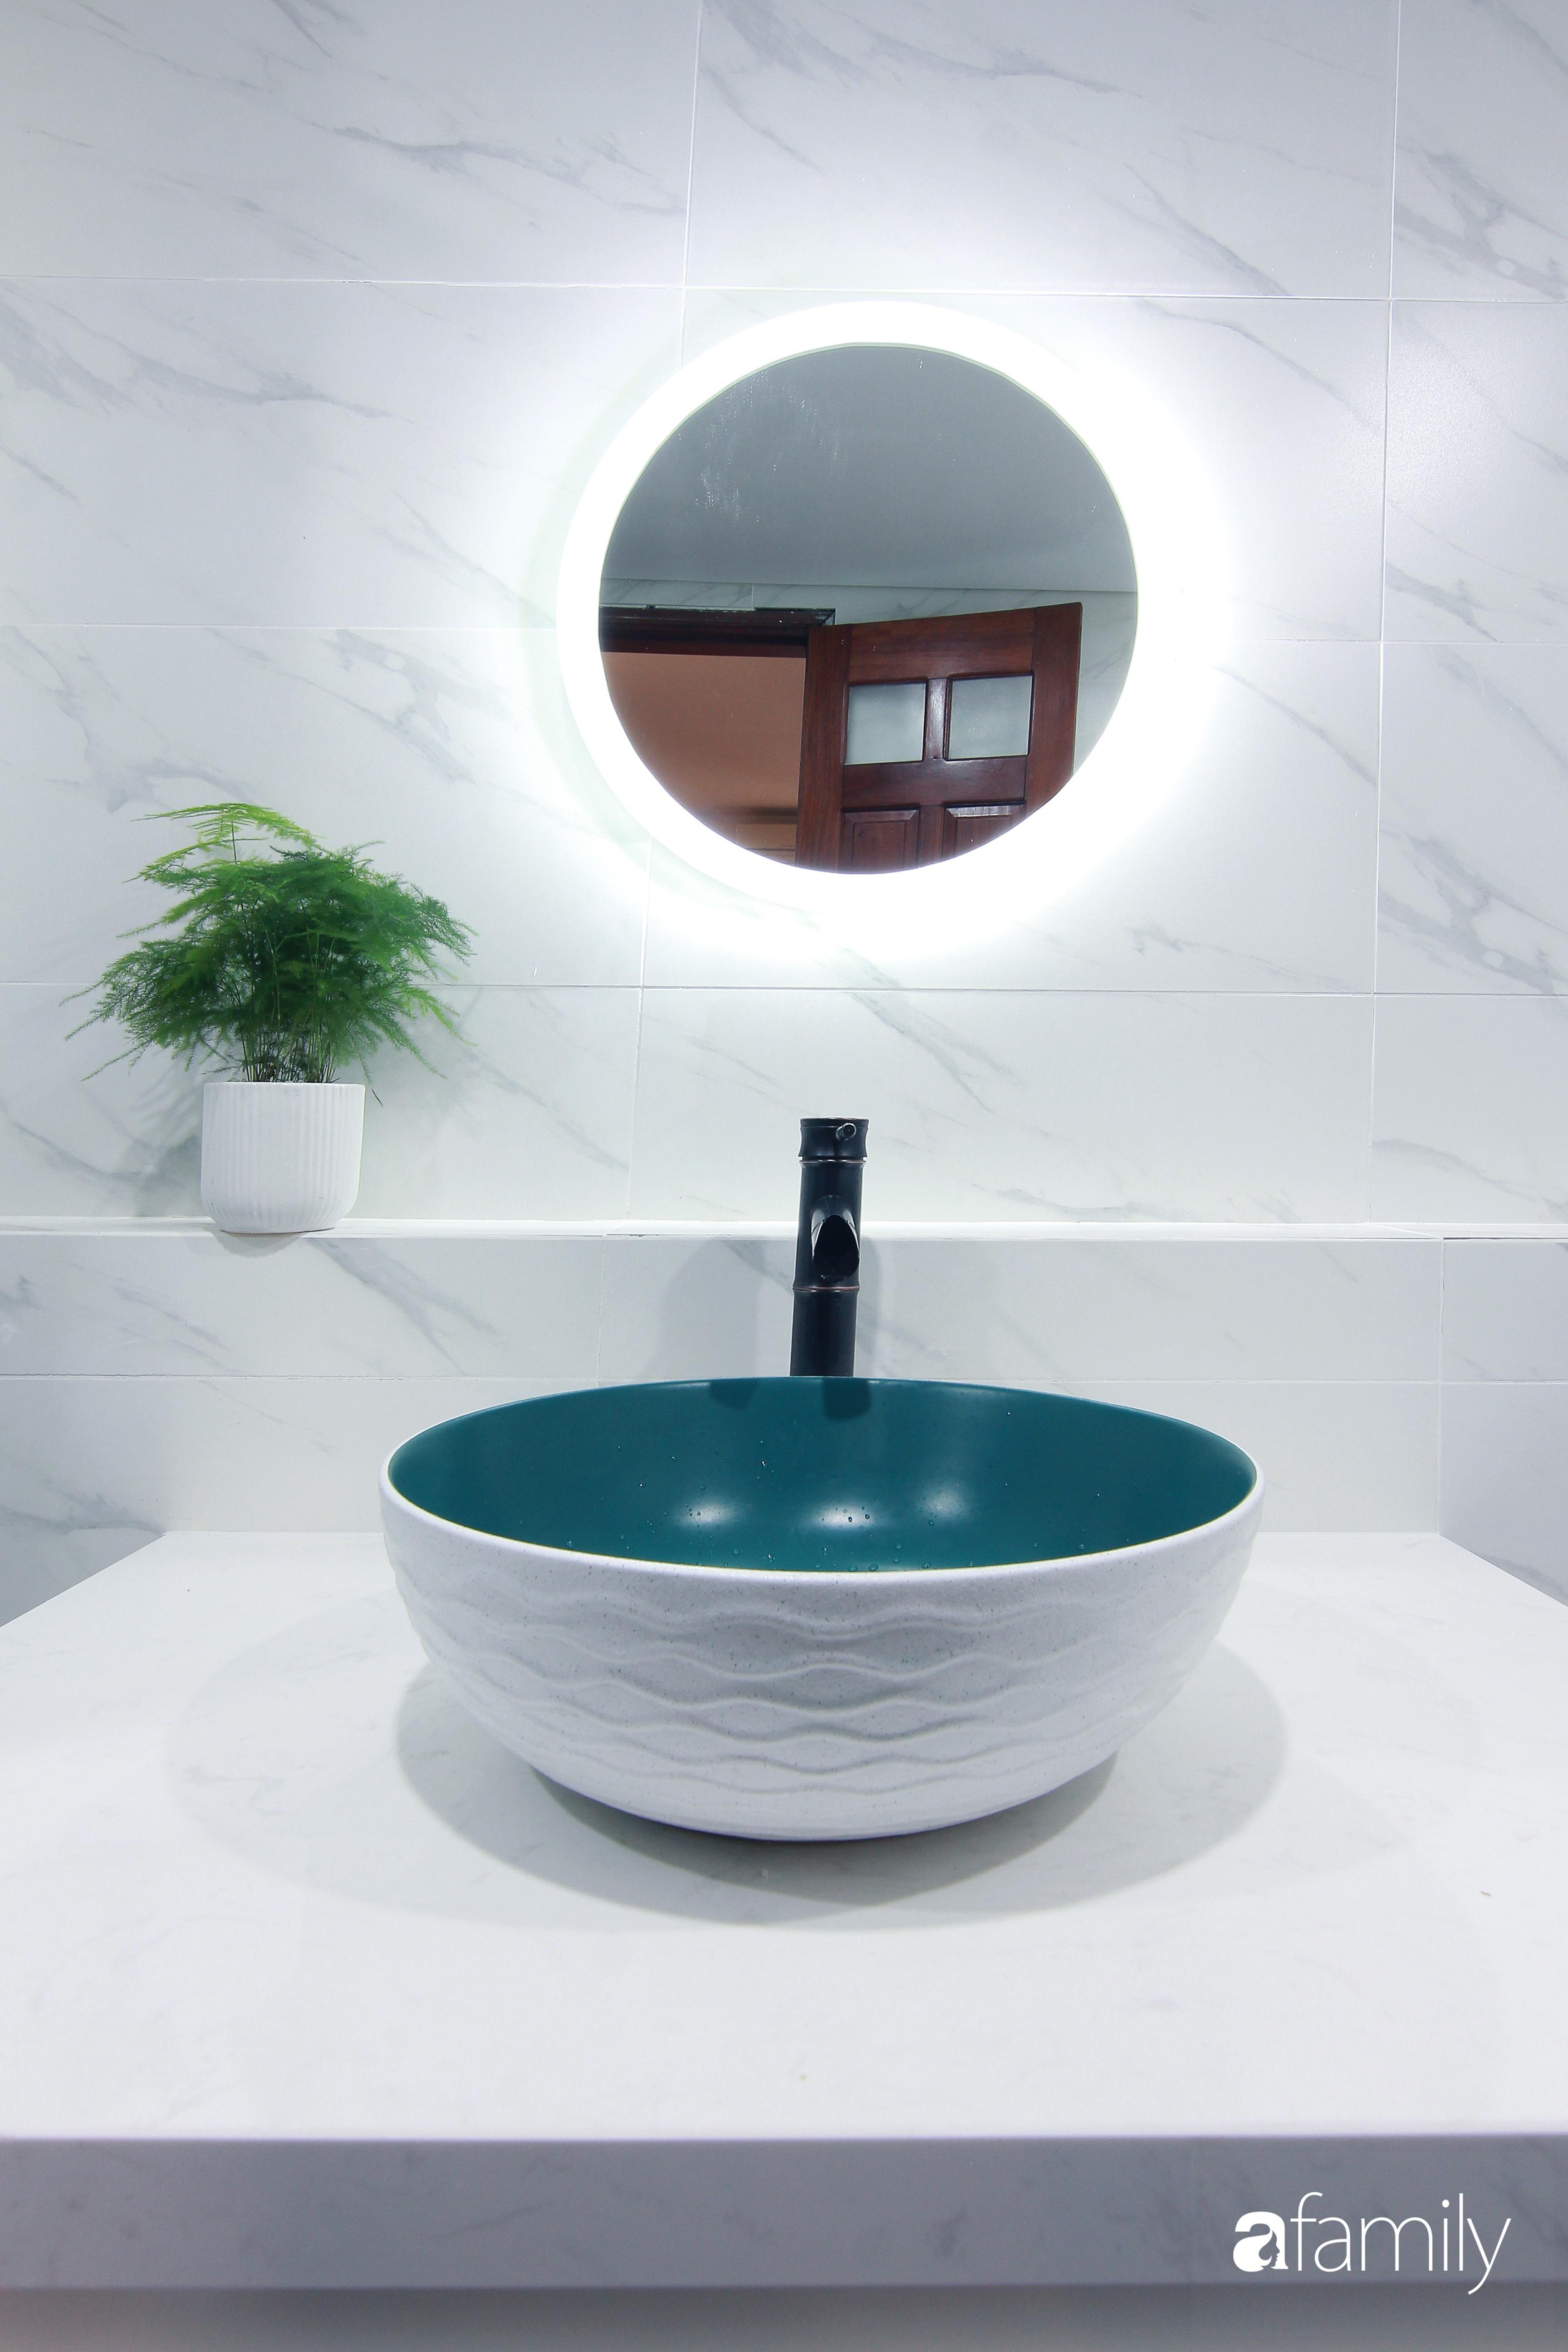 Căn hộ 150m² tối ưu không gian nhờ decor màu trung tính và phong cách hiện đại ở Cầu Giấy, Hà Nội - Ảnh 16.